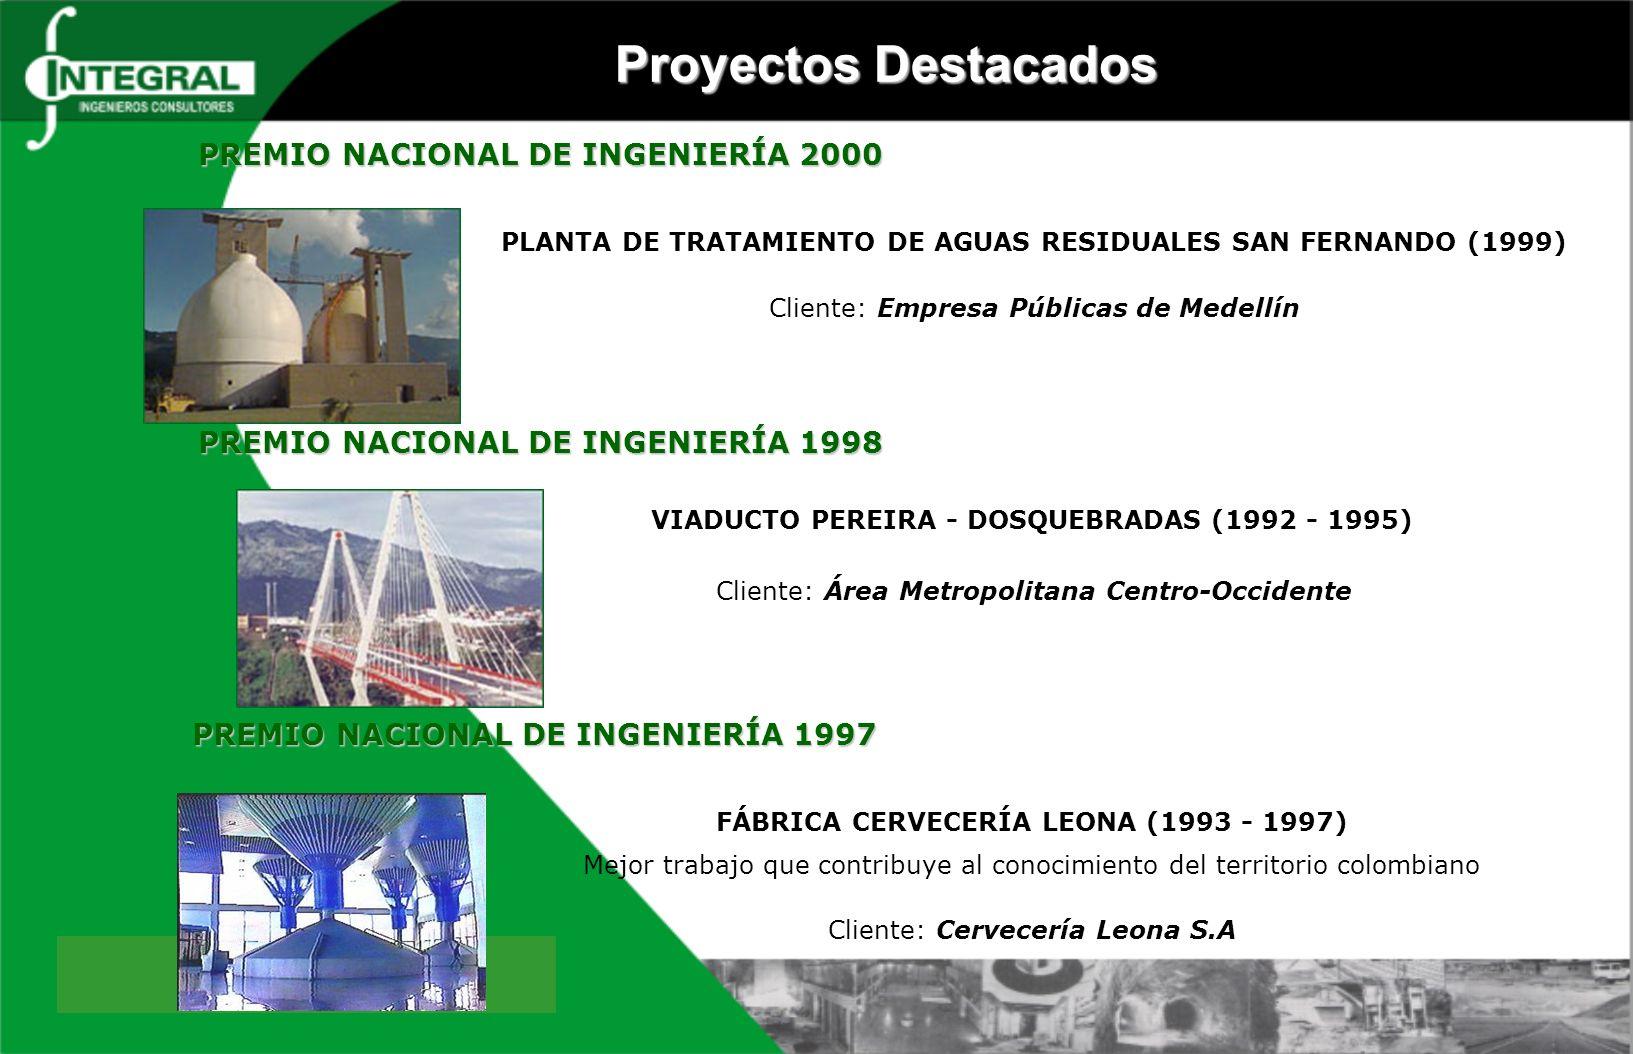 PREMIO NACIONAL DE INGENIERÍA 2000 PLANTA DE TRATAMIENTO DE AGUAS RESIDUALES SAN FERNANDO (1999) Cliente: Empresa Públicas de Medellín VIADUCTO PEREIRA - DOSQUEBRADAS (1992 - 1995) Cliente: Área Metropolitana Centro-Occidente PREMIO NACIONAL DE INGENIERÍA 1998 PREMIO NACIONAL DE INGENIERÍA 1998 FÁBRICA CERVECERÍA LEONA (1993 - 1997) Mejor trabajo que contribuye al conocimiento del territorio colombiano Cliente: Cervecería Leona S.A PREMIO NACIONAL DE INGENIERÍA 1997 Proyectos Destacados